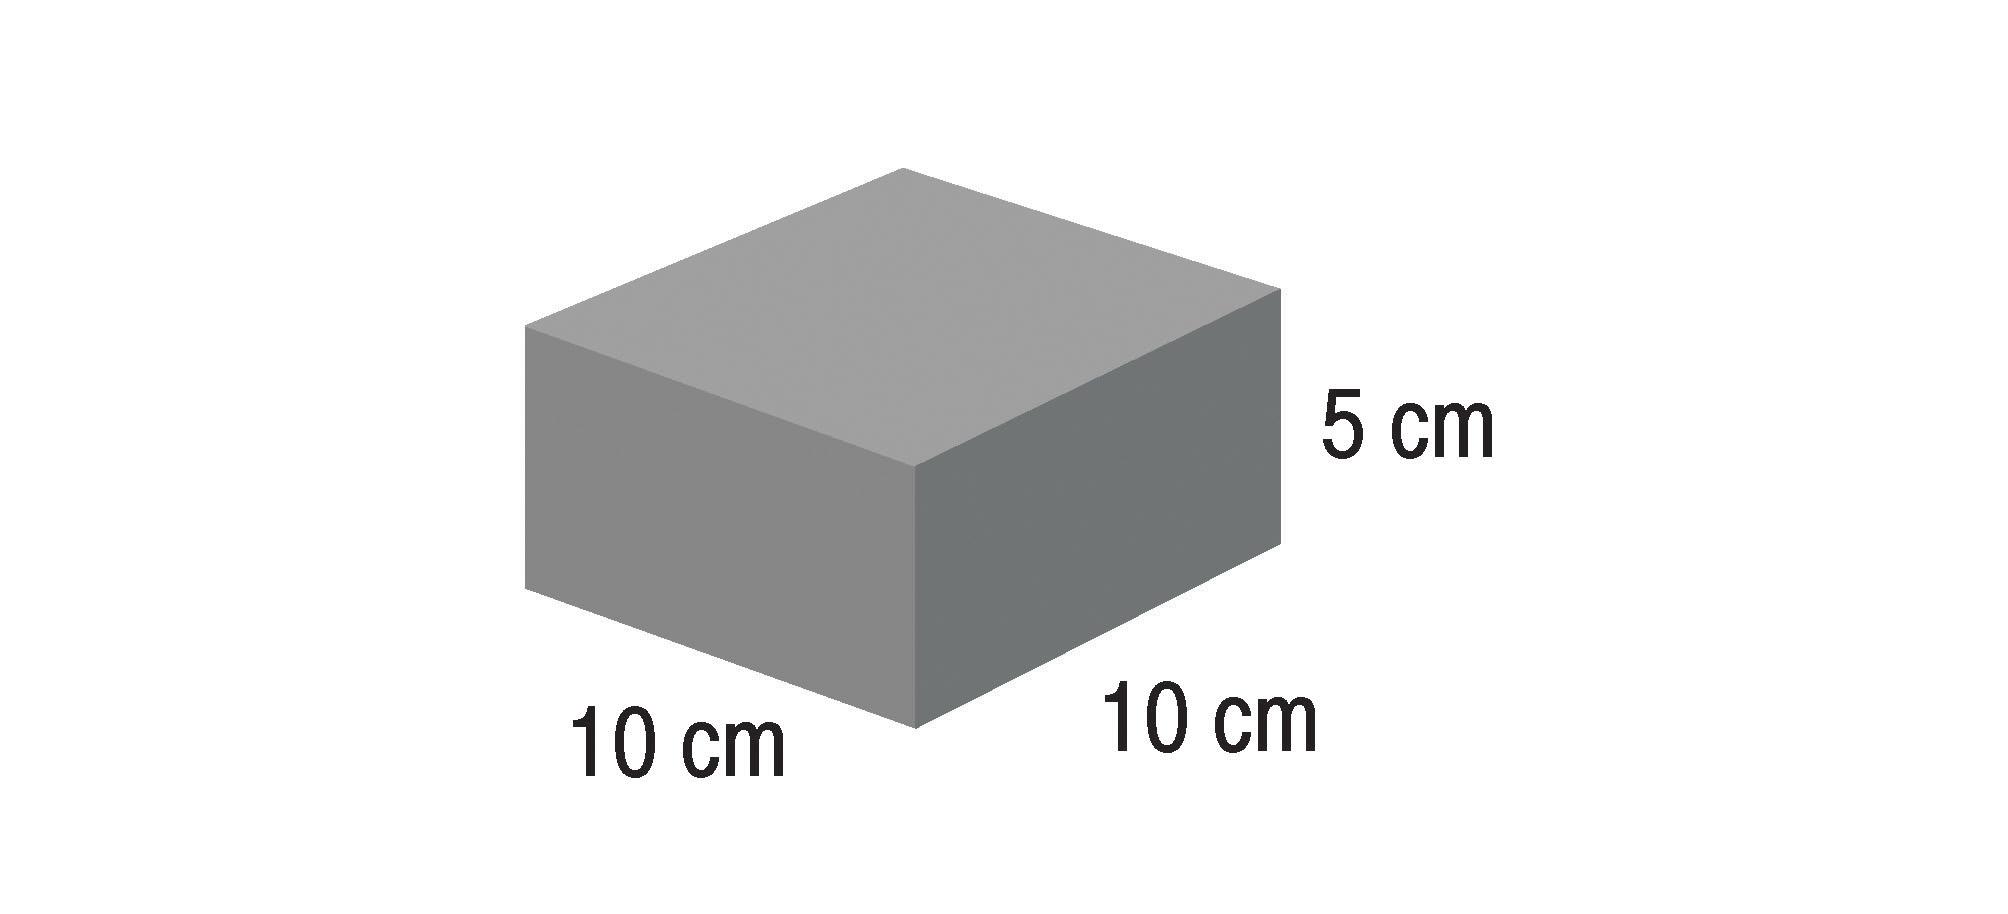 IS-FM-SRN-BLK-101005  Block Extra Small  Raw